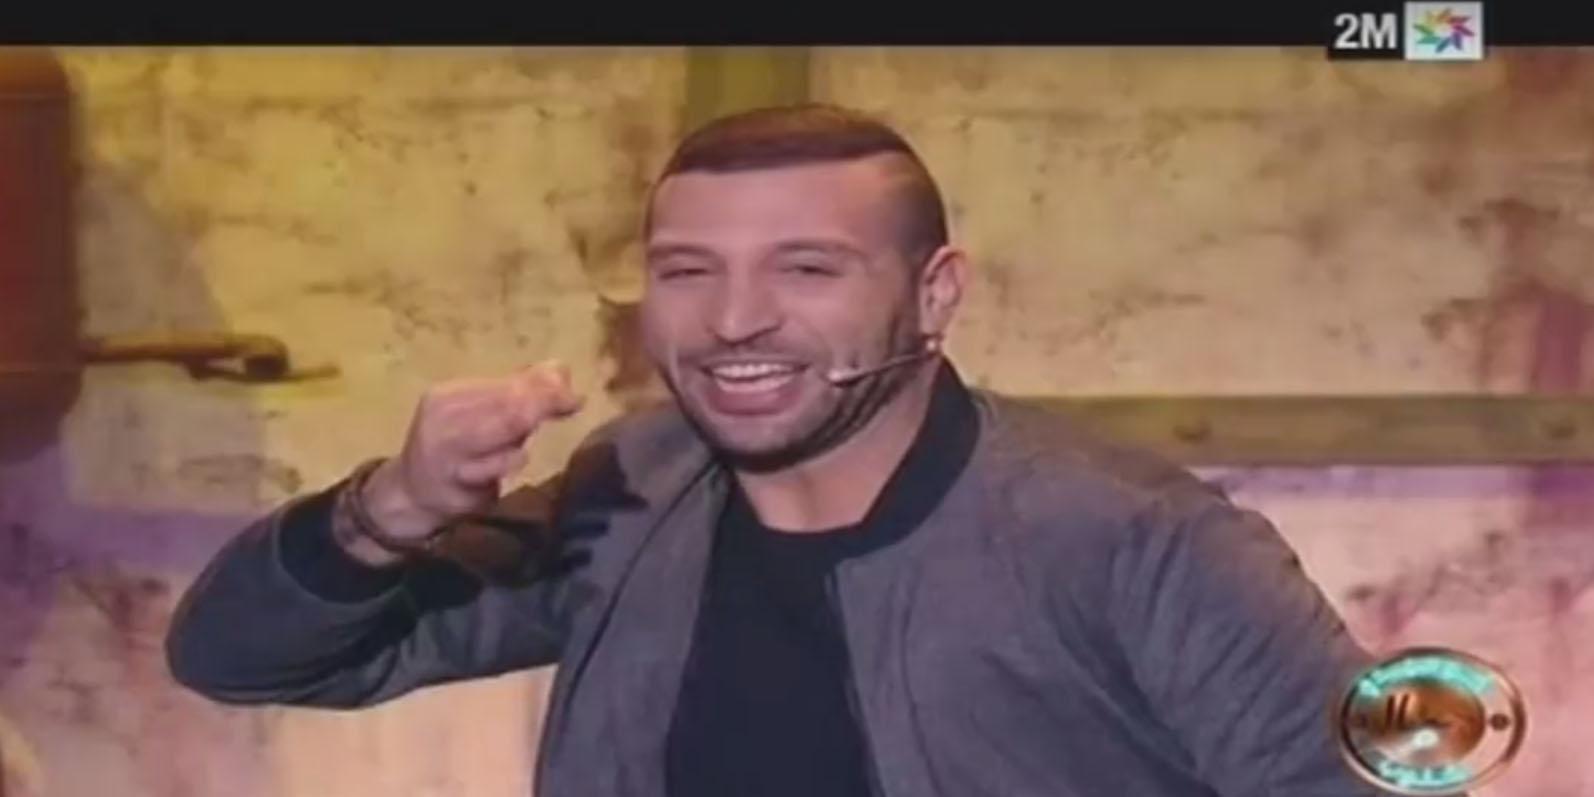 بالفيديو: نضال السعدي في برنامج كوميدي على الشاشات المغربية في رمضان